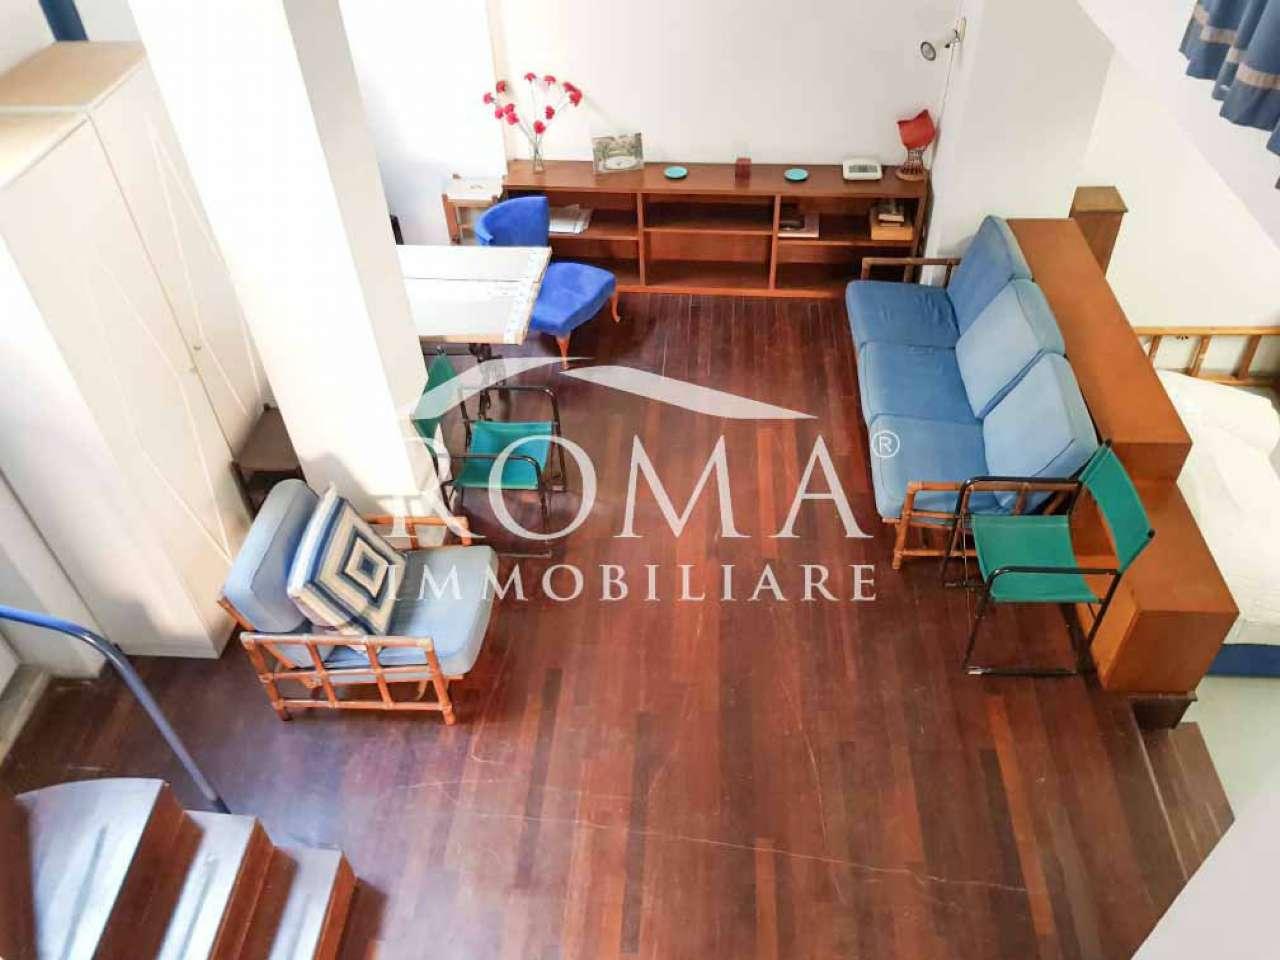 Loft / Openspace in vendita a Roma, 1 locali, zona Zona: 1 . Centro storico, prezzo € 500.000 | CambioCasa.it